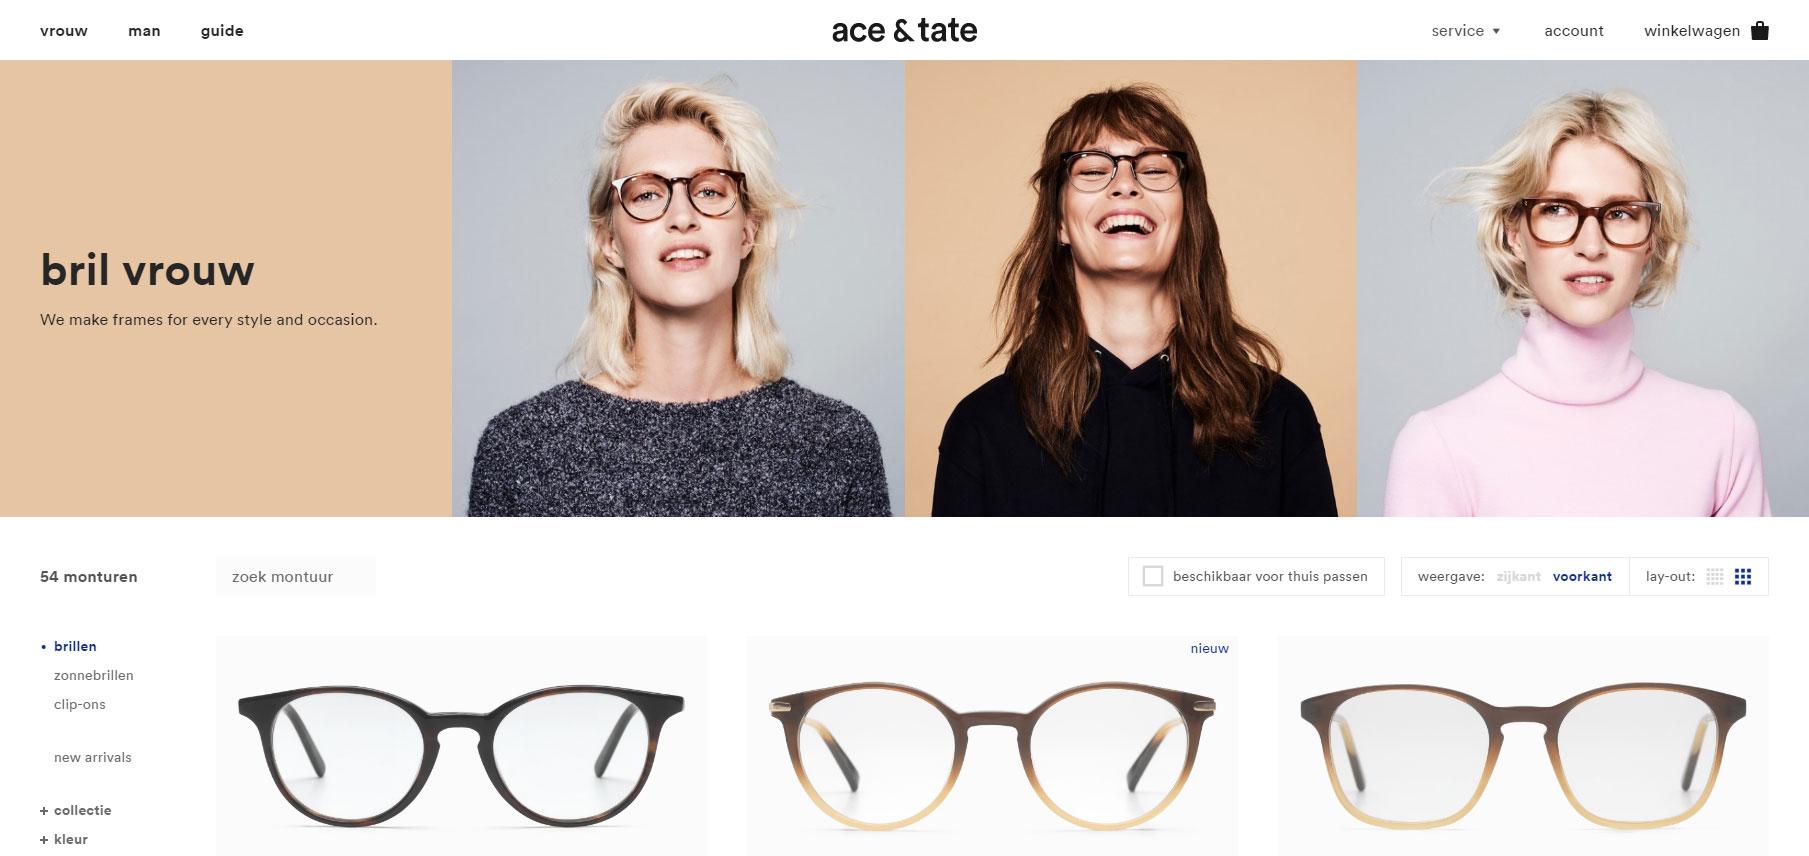 Ace & Tate + Lernert & Sander - Website of the Day